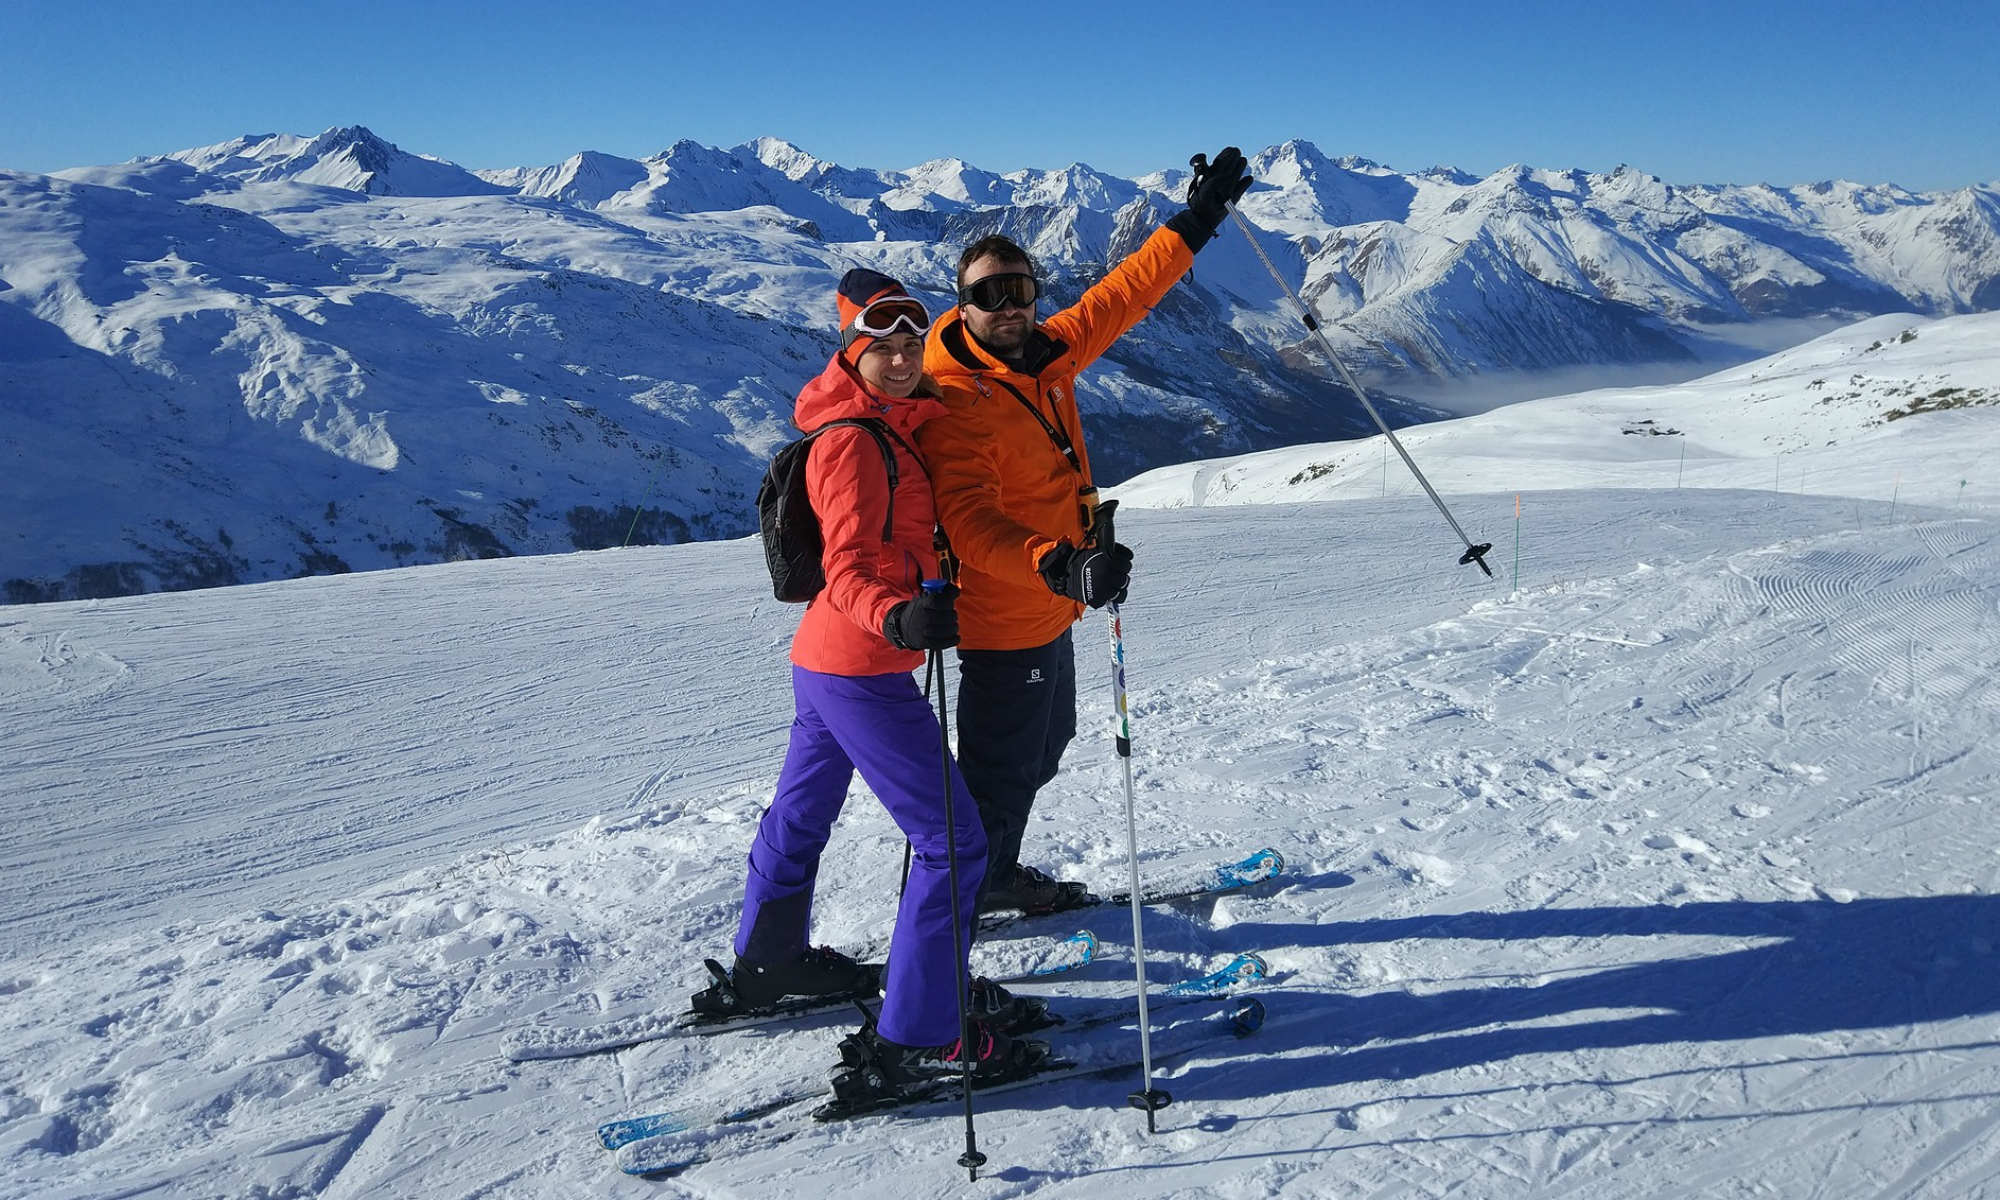 Deux skieurs souriants sur une piste ensoleillée.